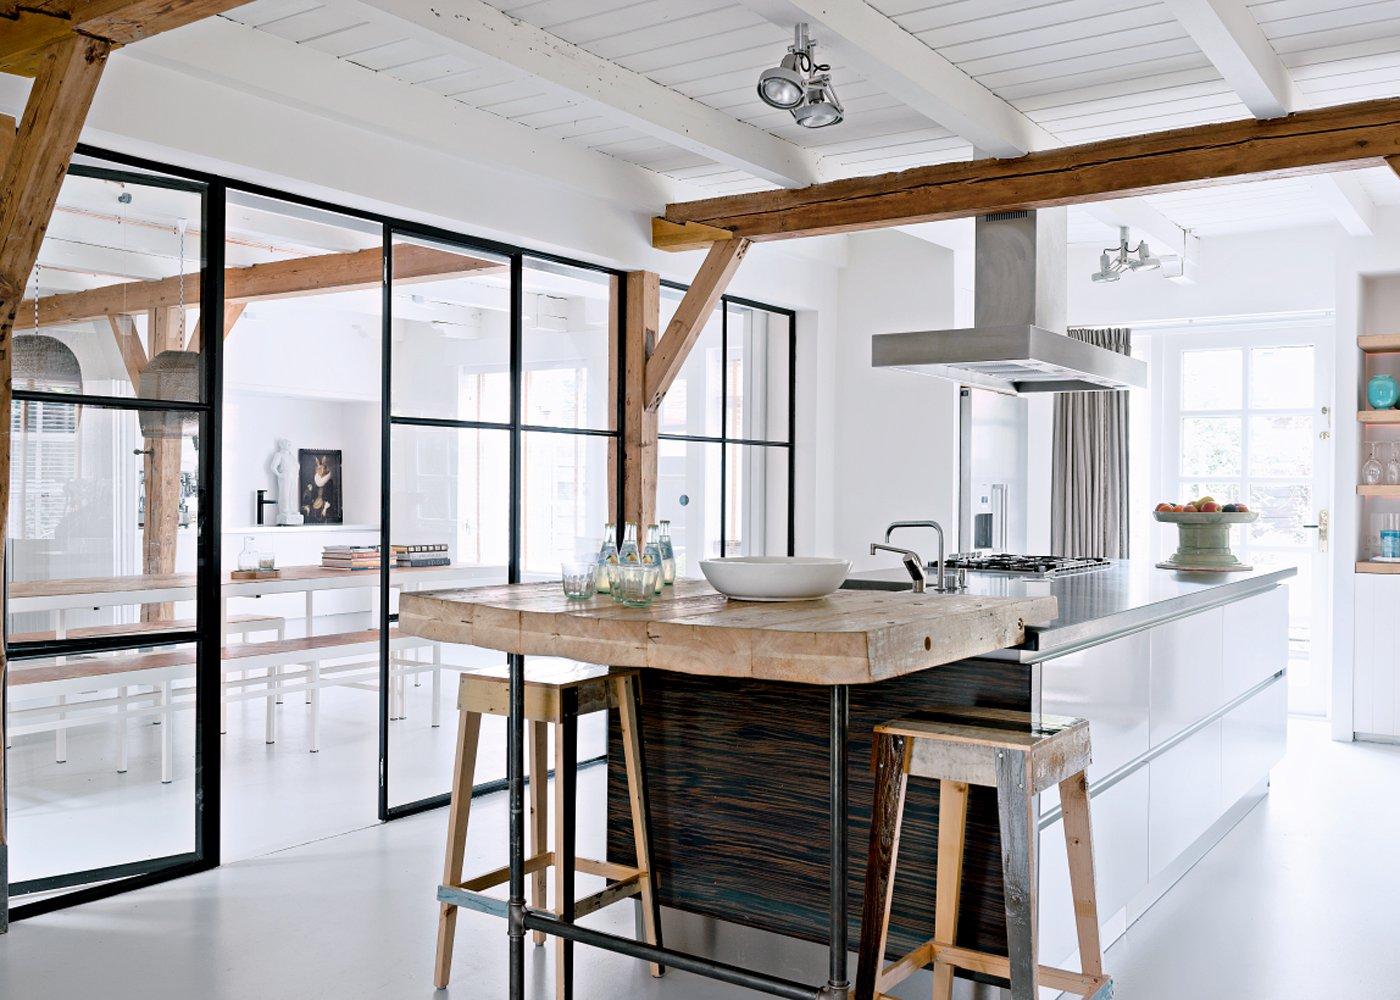 verri re atelier pour un style industriel. Black Bedroom Furniture Sets. Home Design Ideas